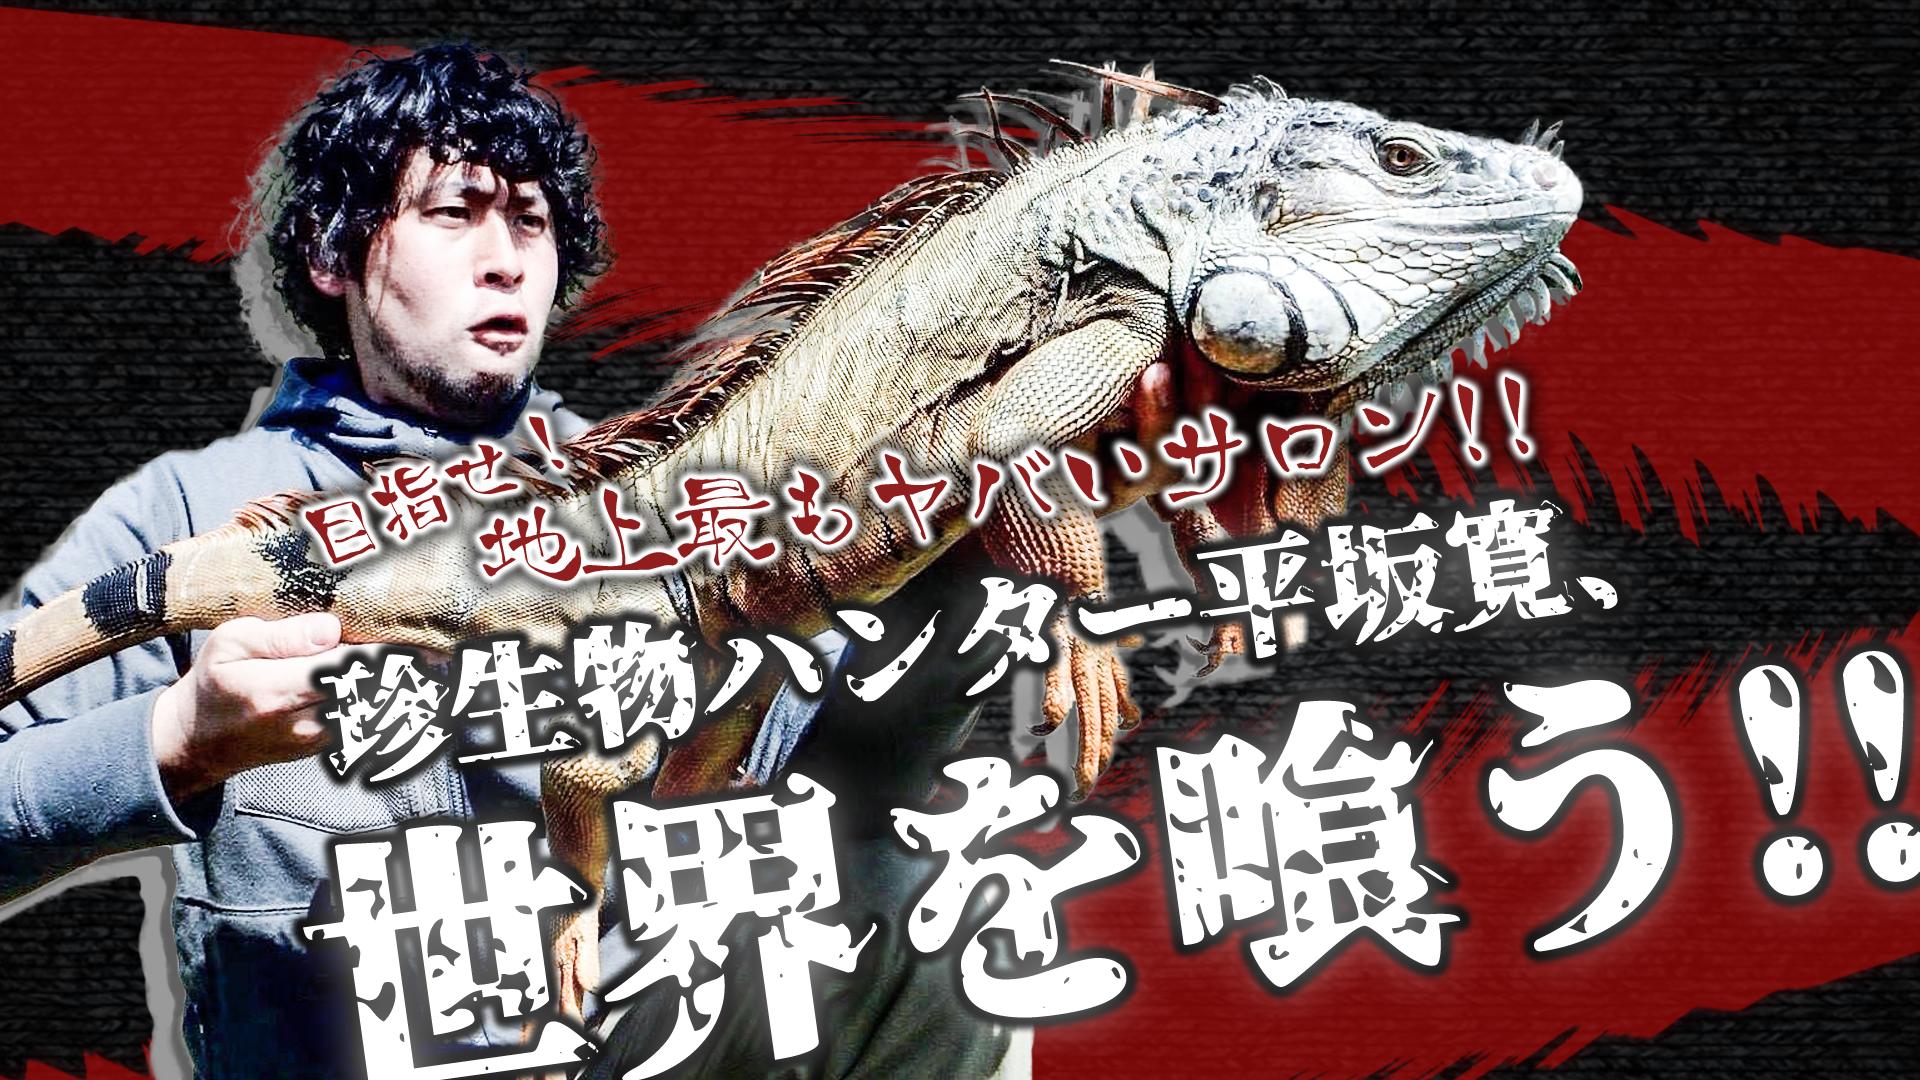 地上最もヤバいサロンを目指せ!  珍生物ハンター平坂寛、世界を喰う!!